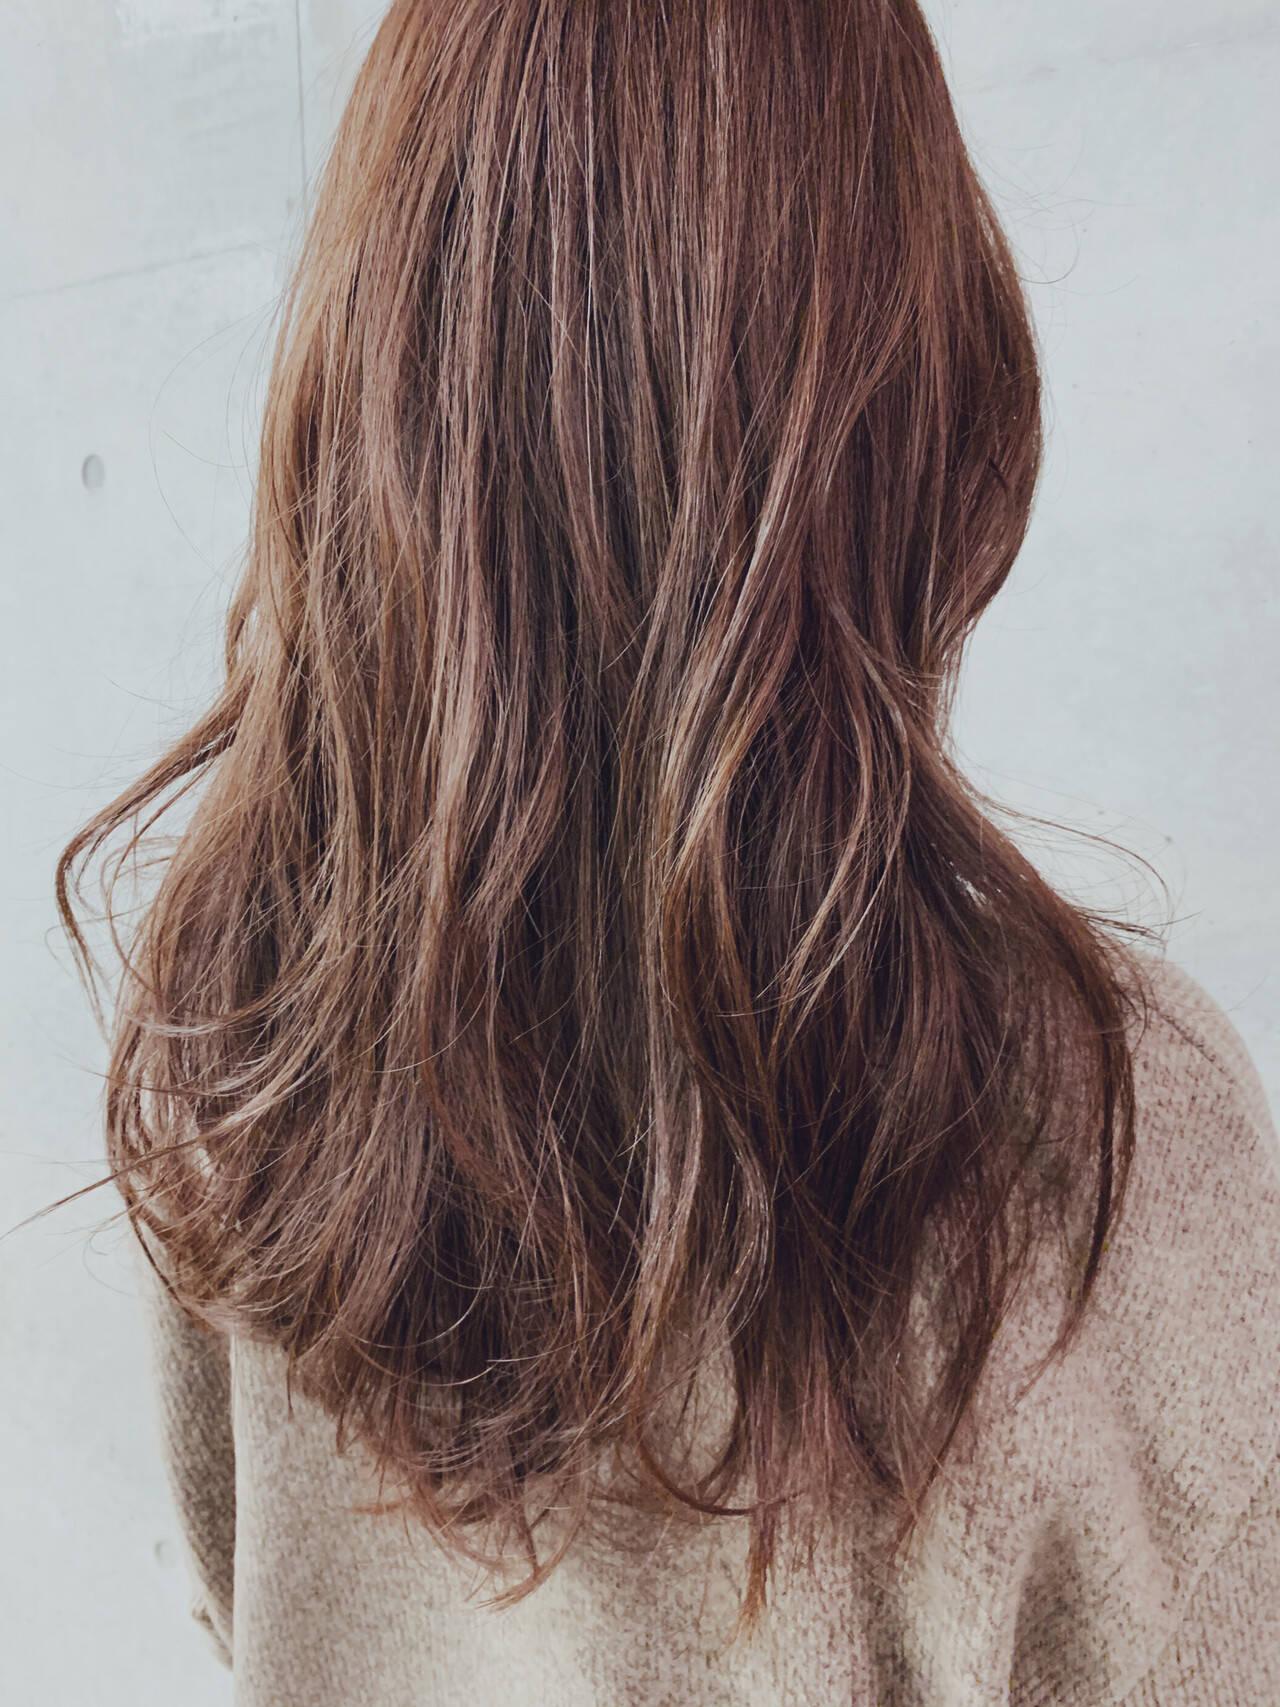 ナチュラル 大人女子 圧倒的透明感 大人ヘアスタイルヘアスタイルや髪型の写真・画像